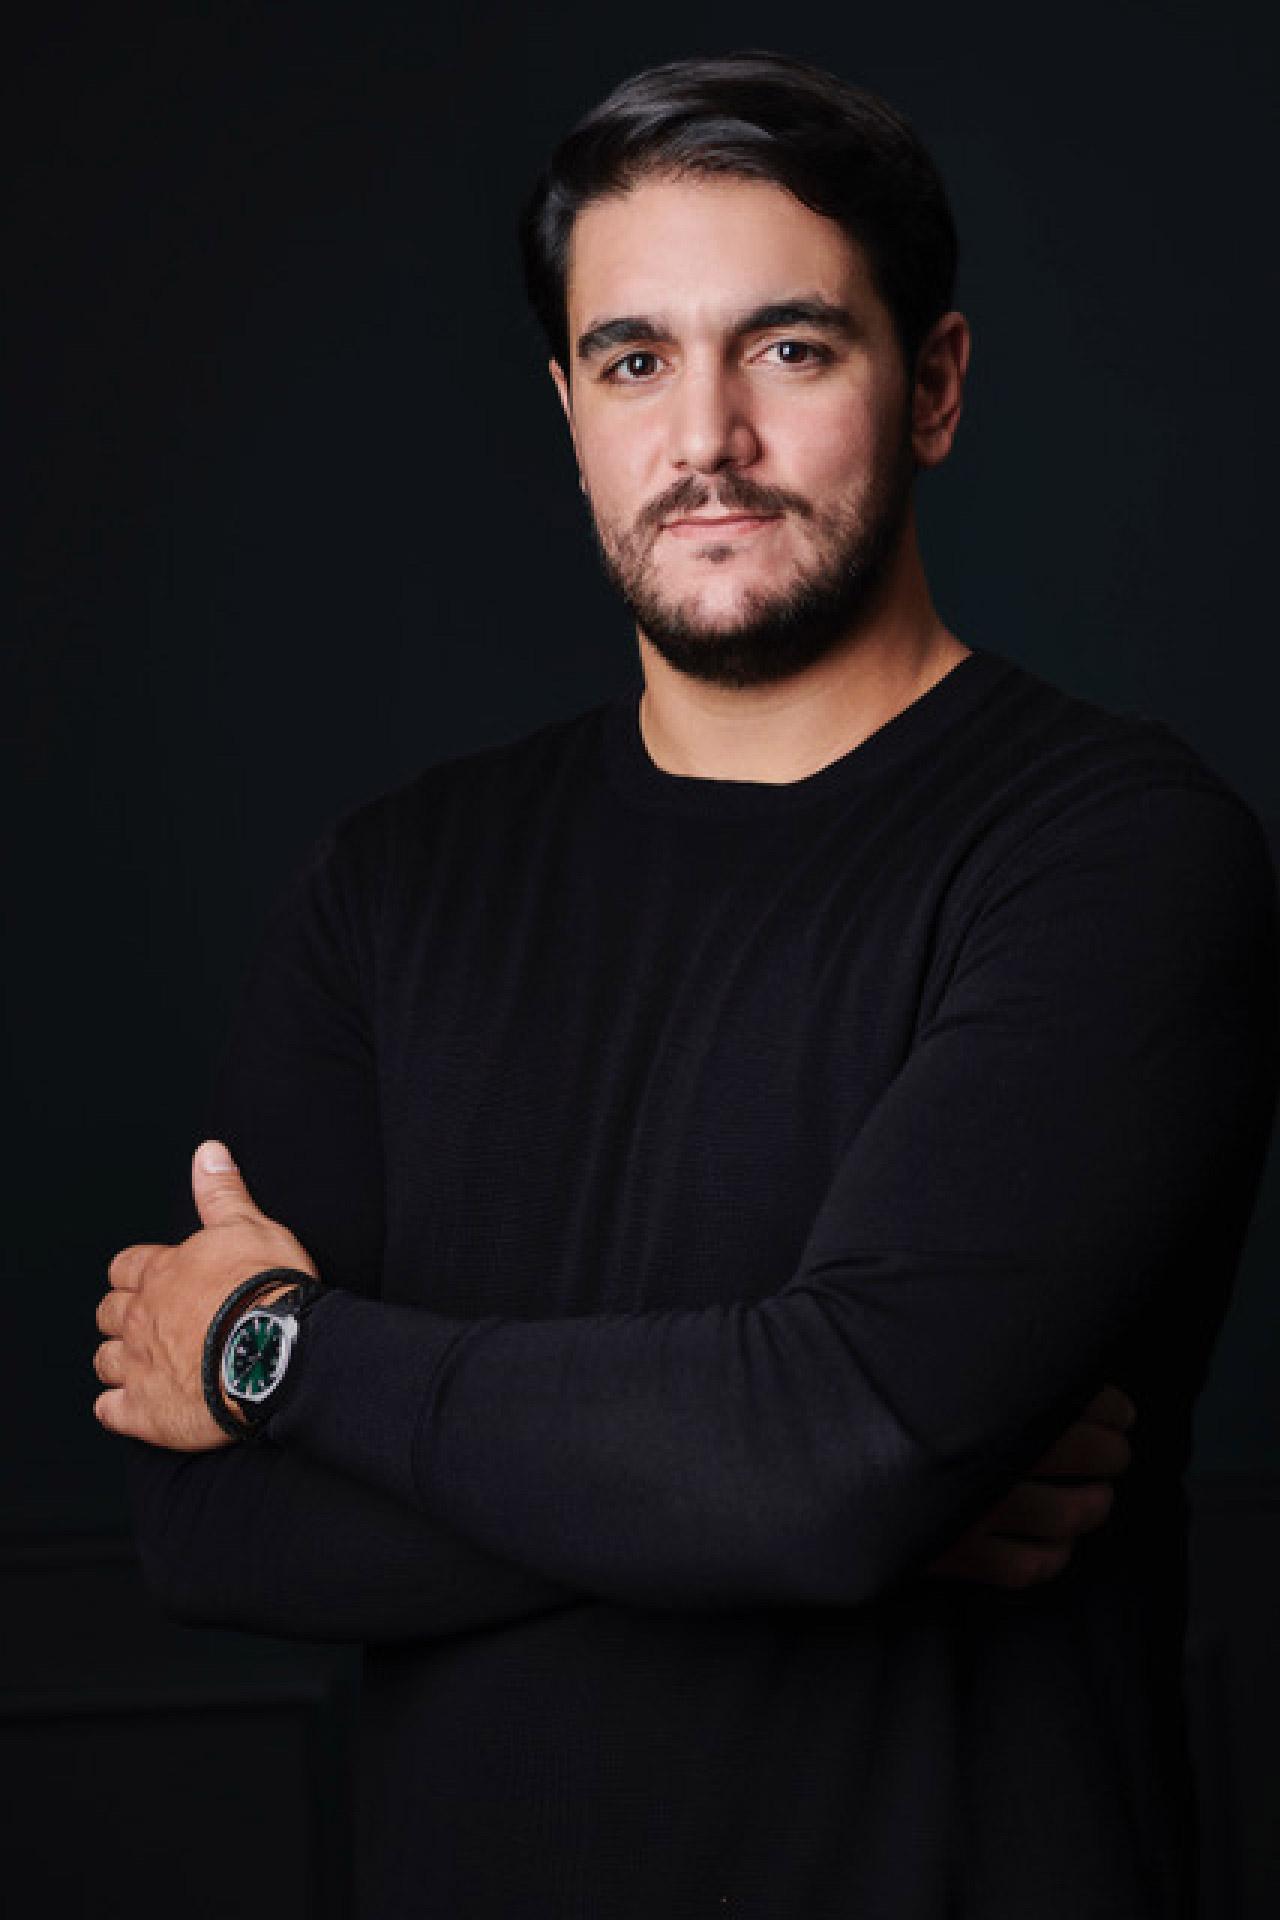 Bernardo Frevo